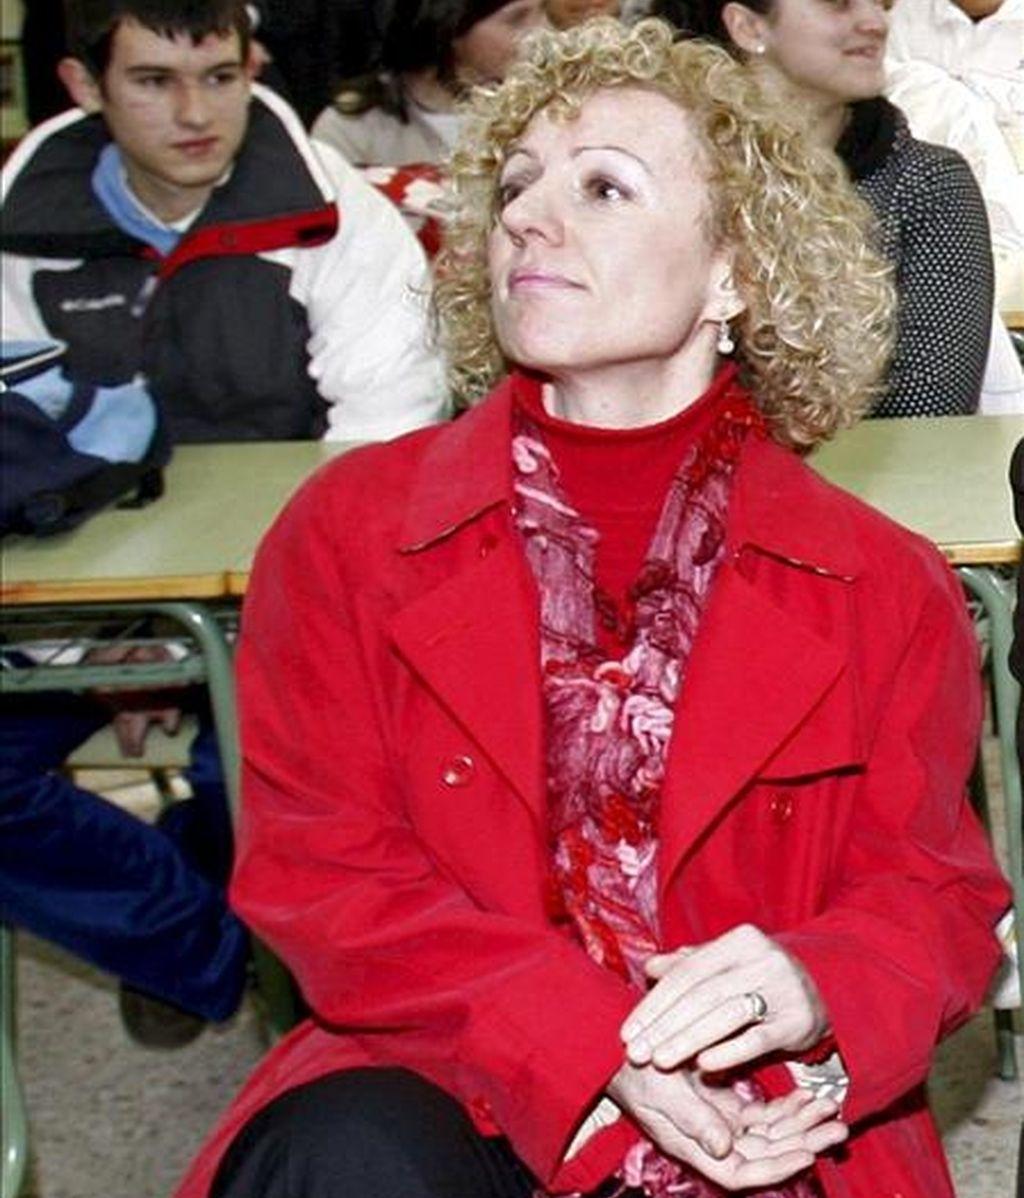 """La consejera de Educación, Rosa Eva Díaz Tezanos, ha afirmado hoy que el colegio Torrevelo, al que no se ha renovado el concierto educativo, podrá acogerse en caso de solicitarlo a una prórroga de un año prevista en la normativa, para que las familias puedan """"tener un periodo"""" para """"buscar una salida"""". EFE/Archivo"""